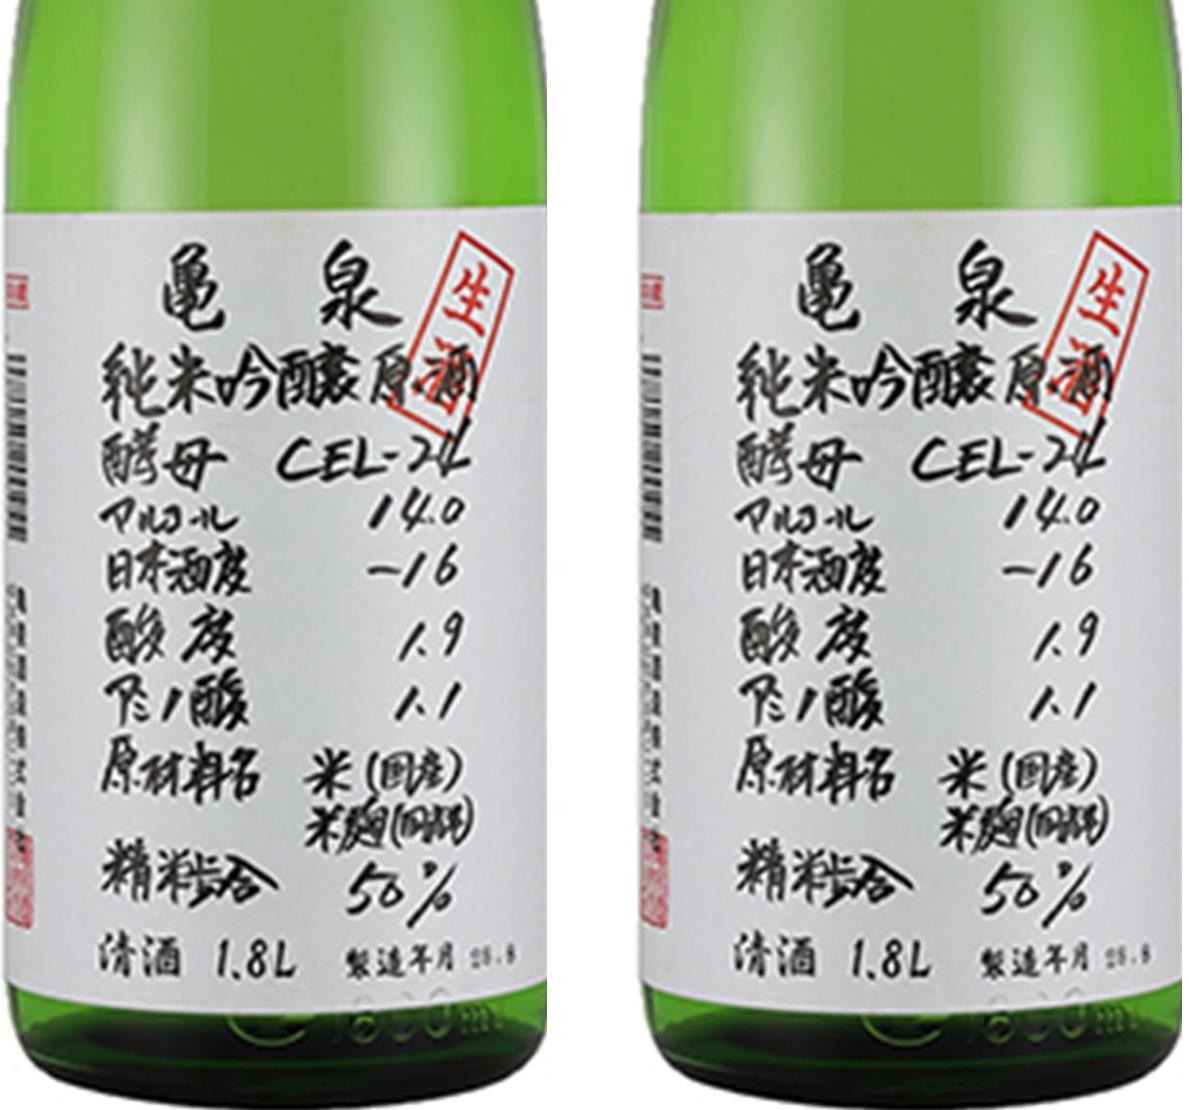 まるでパイナップルのような超フルーティーでジューシーな味わい 日本 ※ロットにより掲載画像とスペックは変わります※ 日本酒 亀泉 CEL-24 720ml 生原酒 かめいずみ 亀泉酒造 売れ筋ランキング 純米吟醸 せるにじゅうよん 高知県